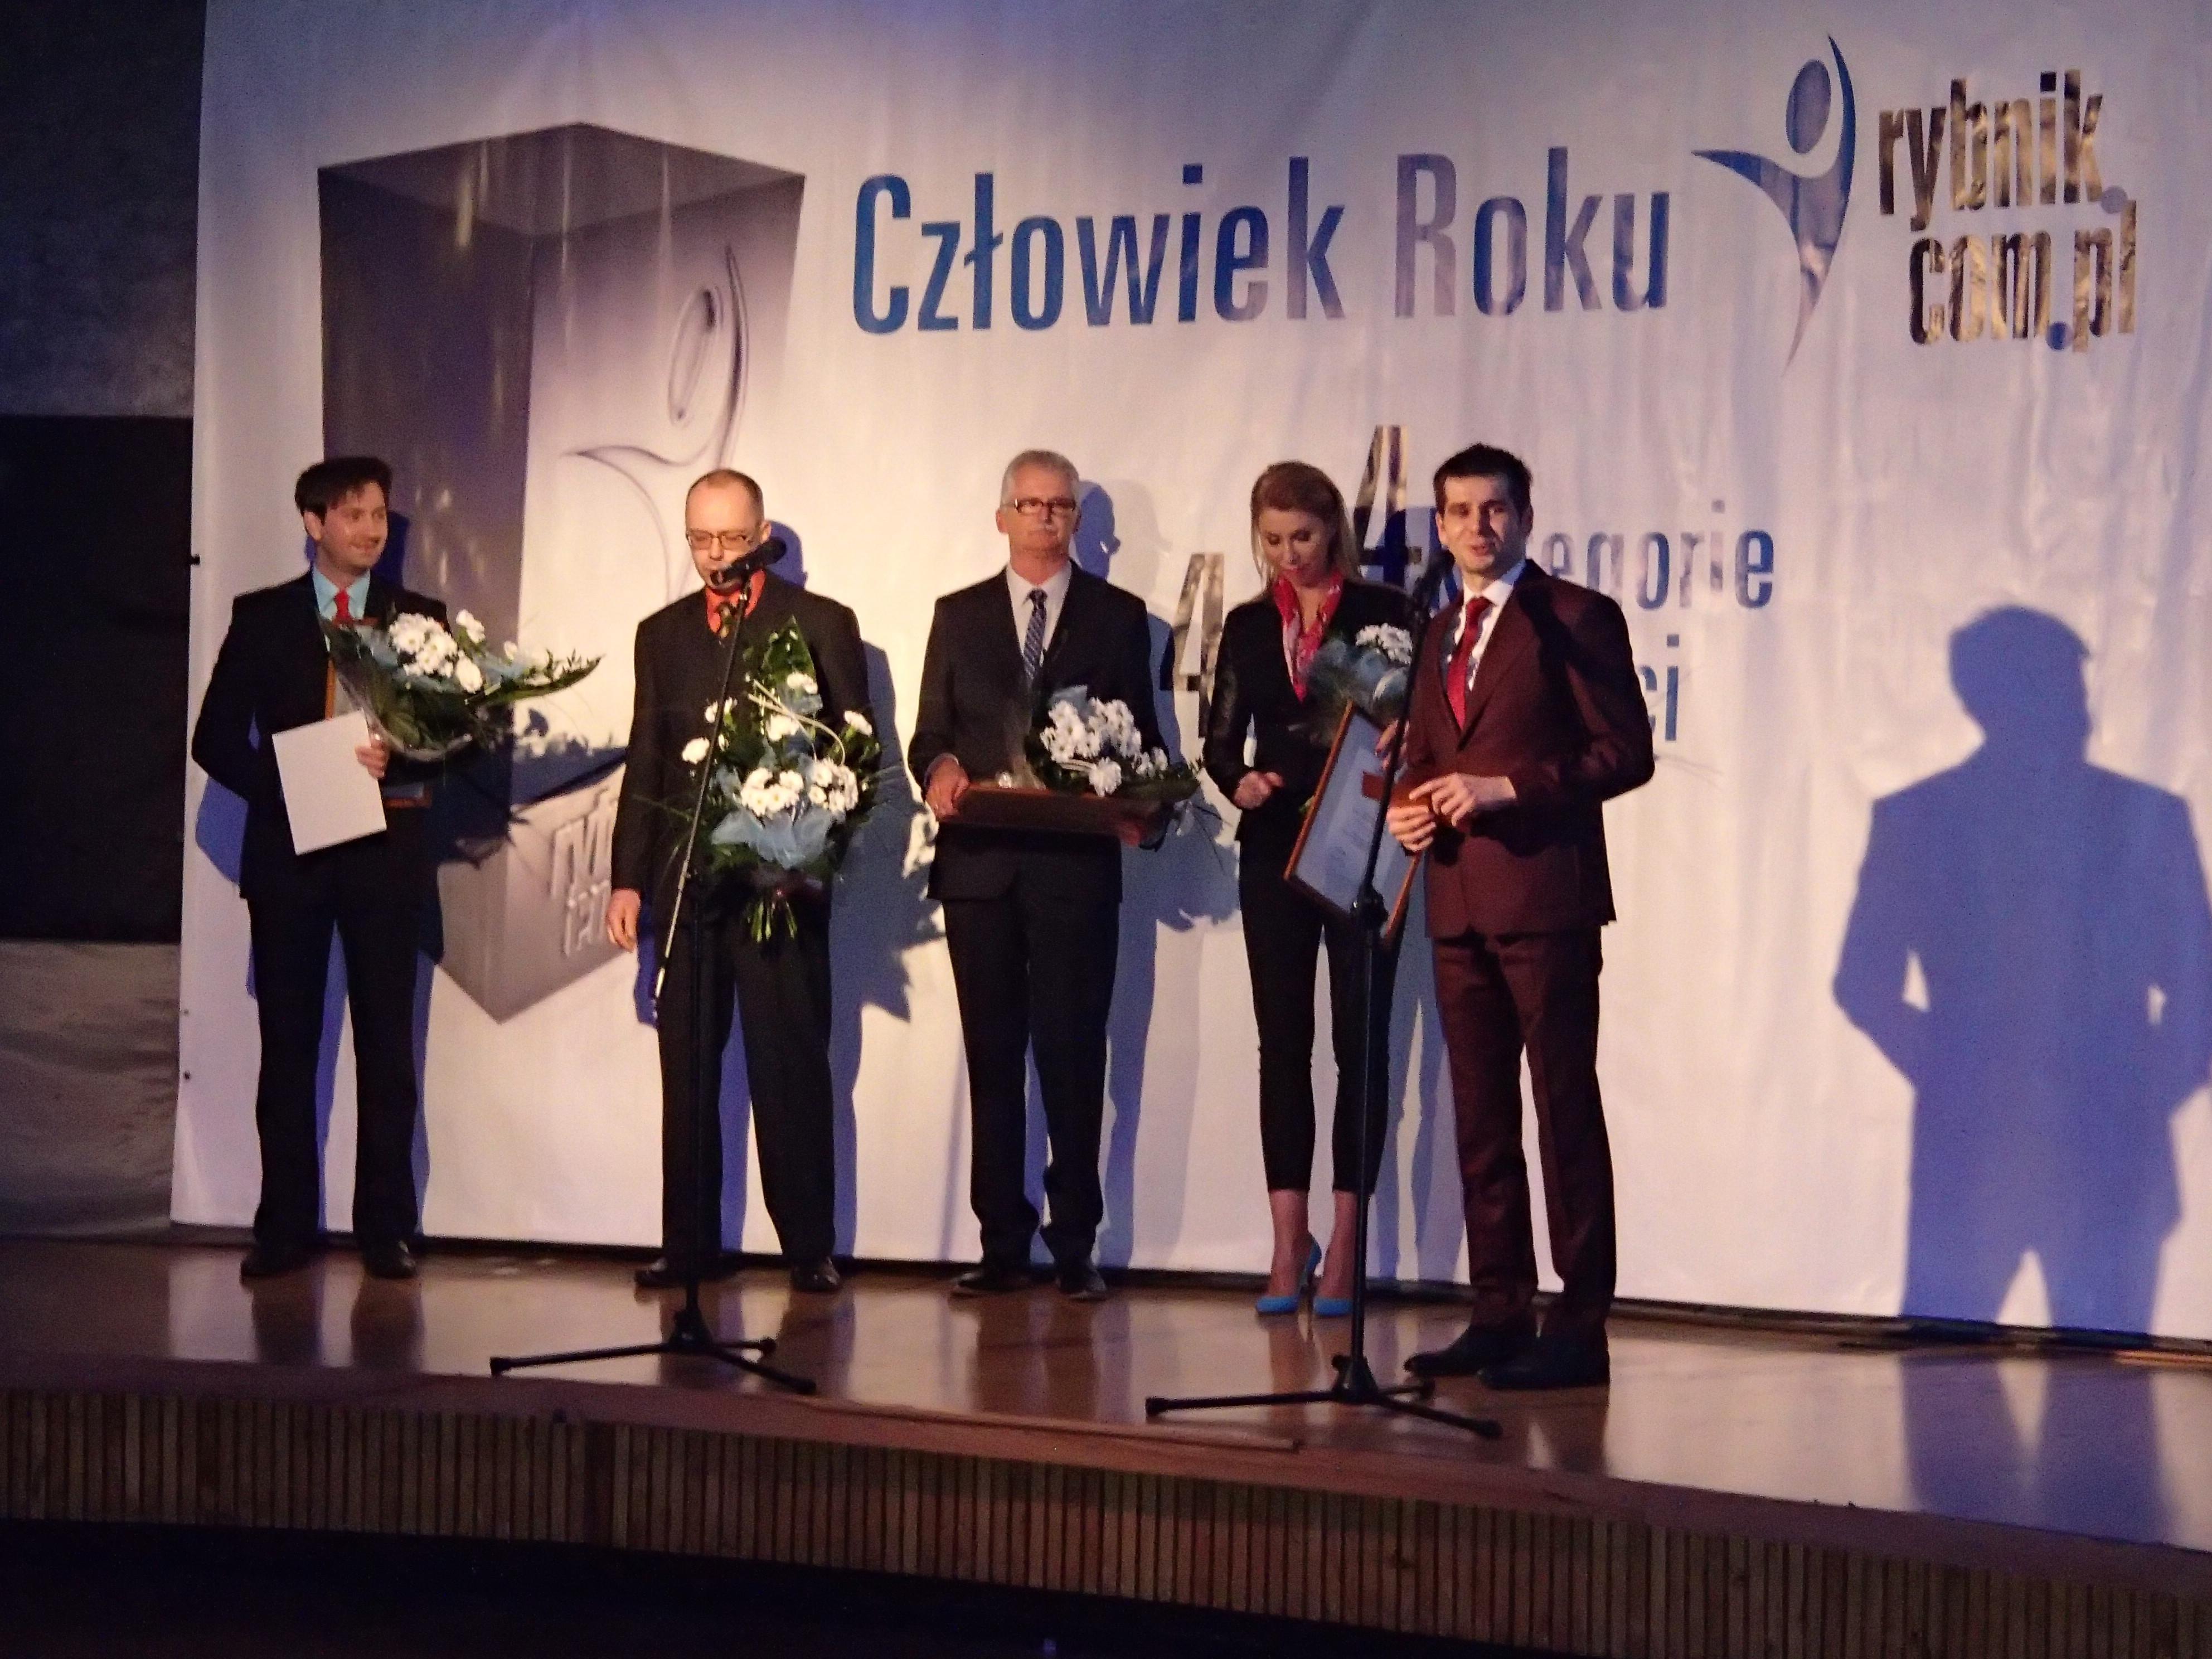 Rafał Piszczek na Gali Człowiek roku 2013 rybnik.com.pl